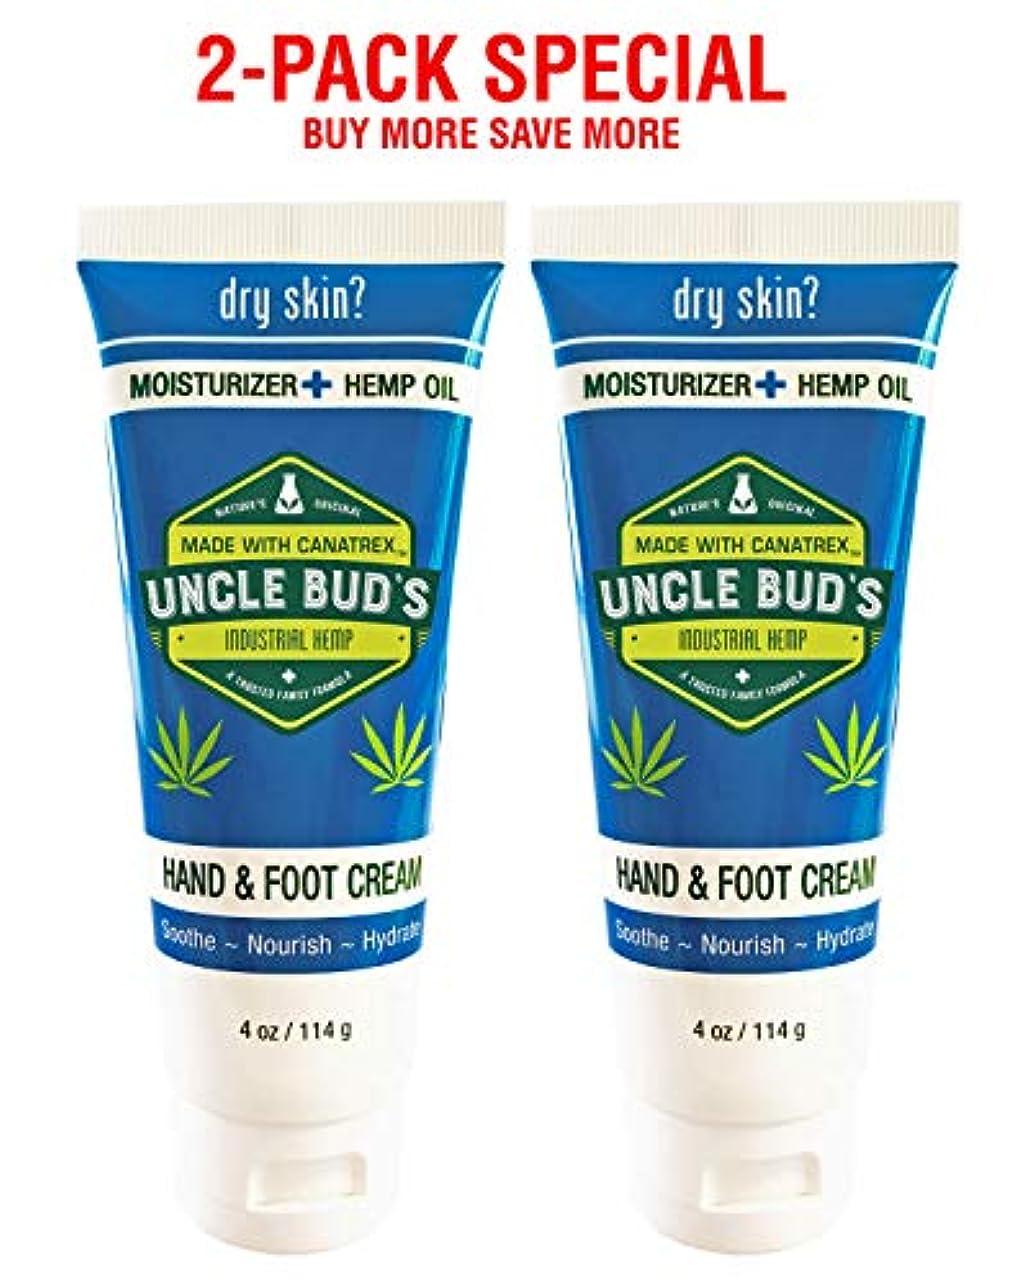 もっともらしいアジア人勧めるUncle Bud's 2-Pack Special - Hand and Foot Cream HEMP Oil - 4oz per tube